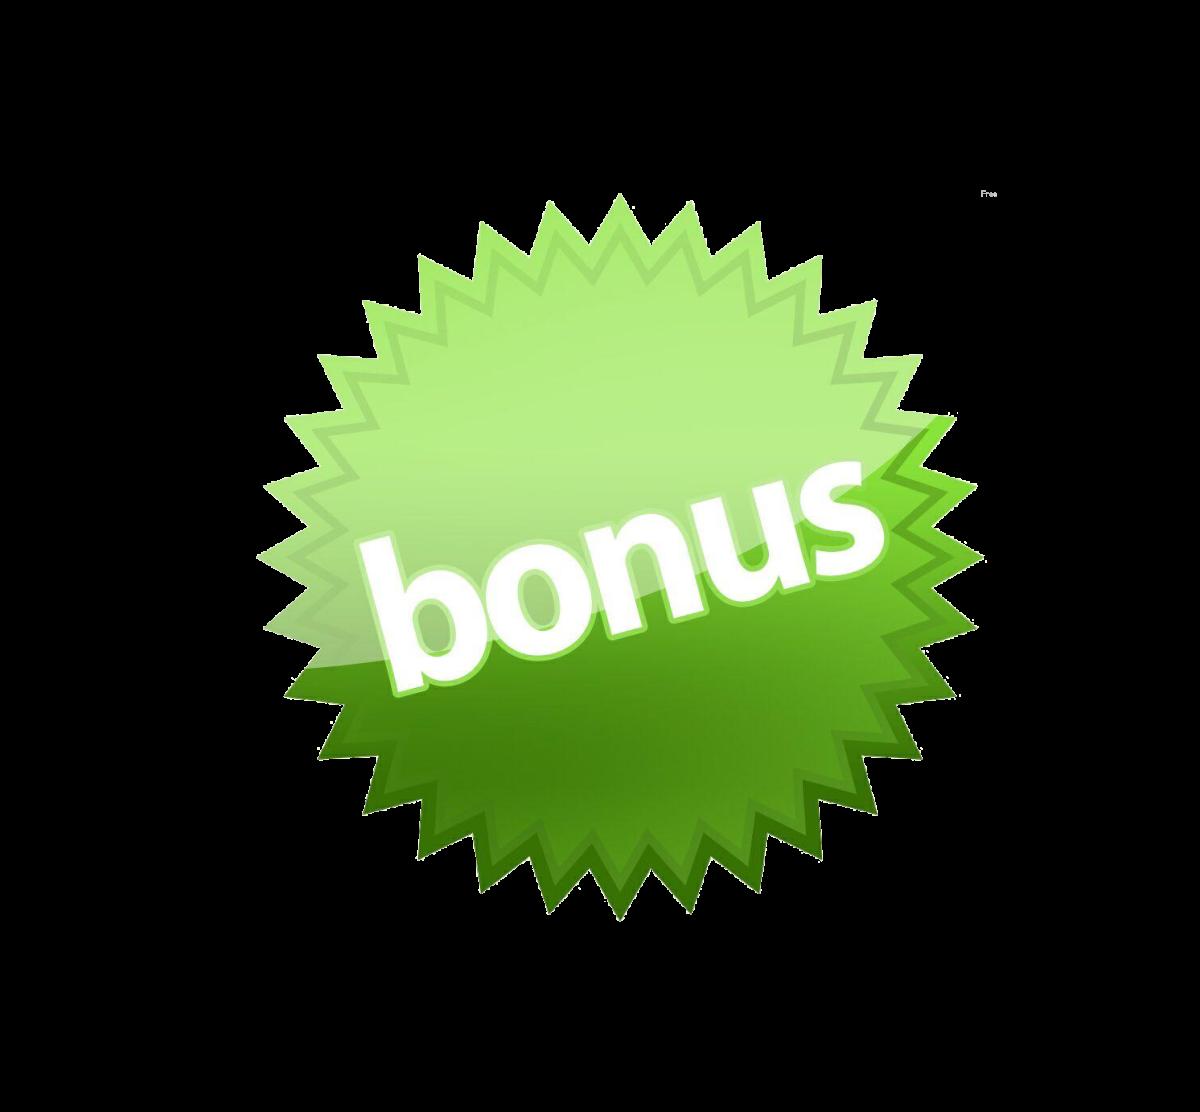 Бонуси та подарунки при купівлі акційного туристичного спорядження. -  Робінзон — магазин товарів для туризму та спорту 36e26ed2566b5